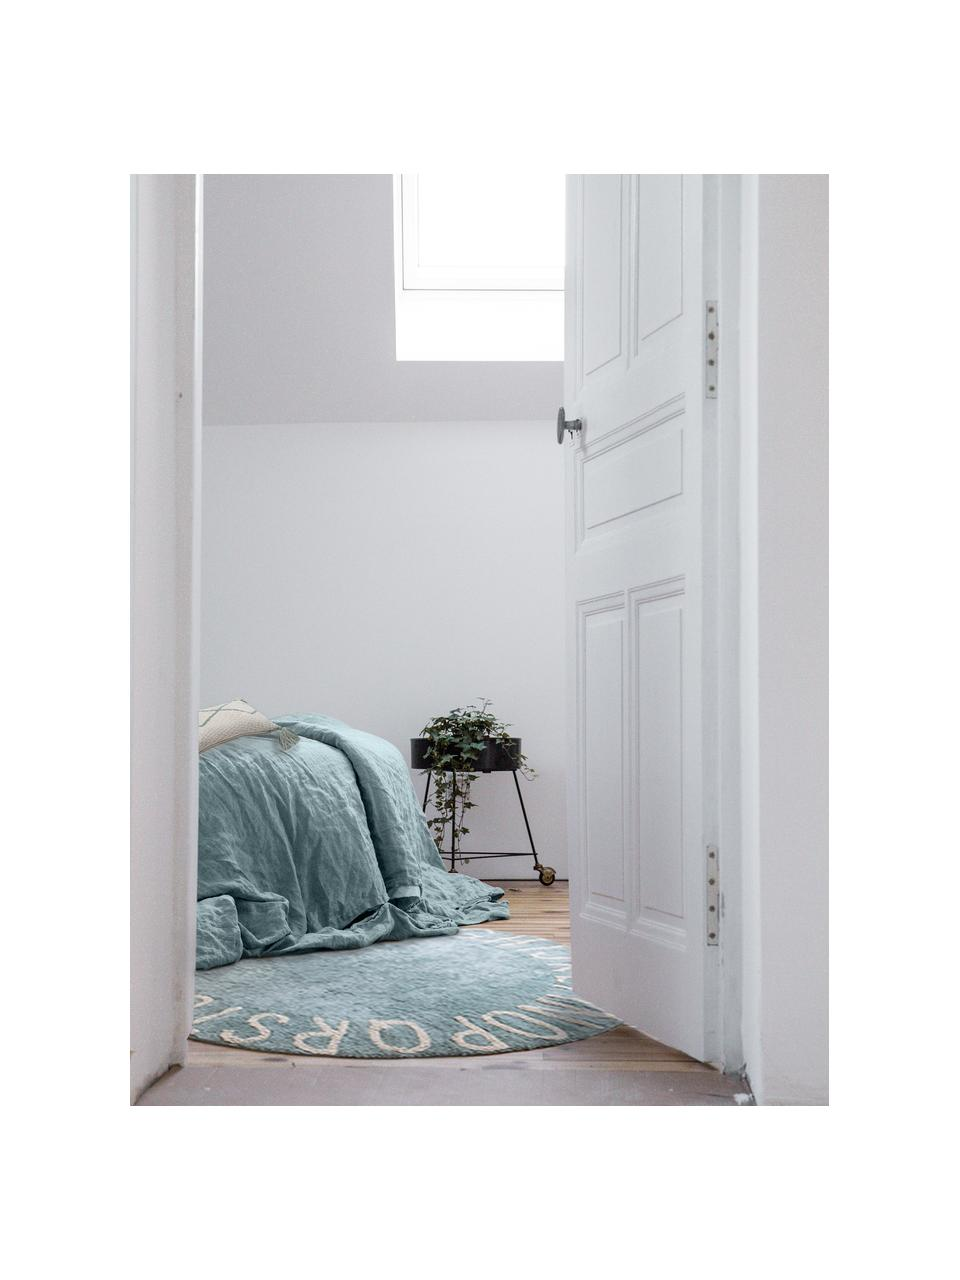 Runder Teppich ABC mit Buchstaben Design, waschbar, Recycelte Baumwolle (80% Baumwolle, 20% andere Fasern), Blau, Beige, Ø 150 cm (Größe M)